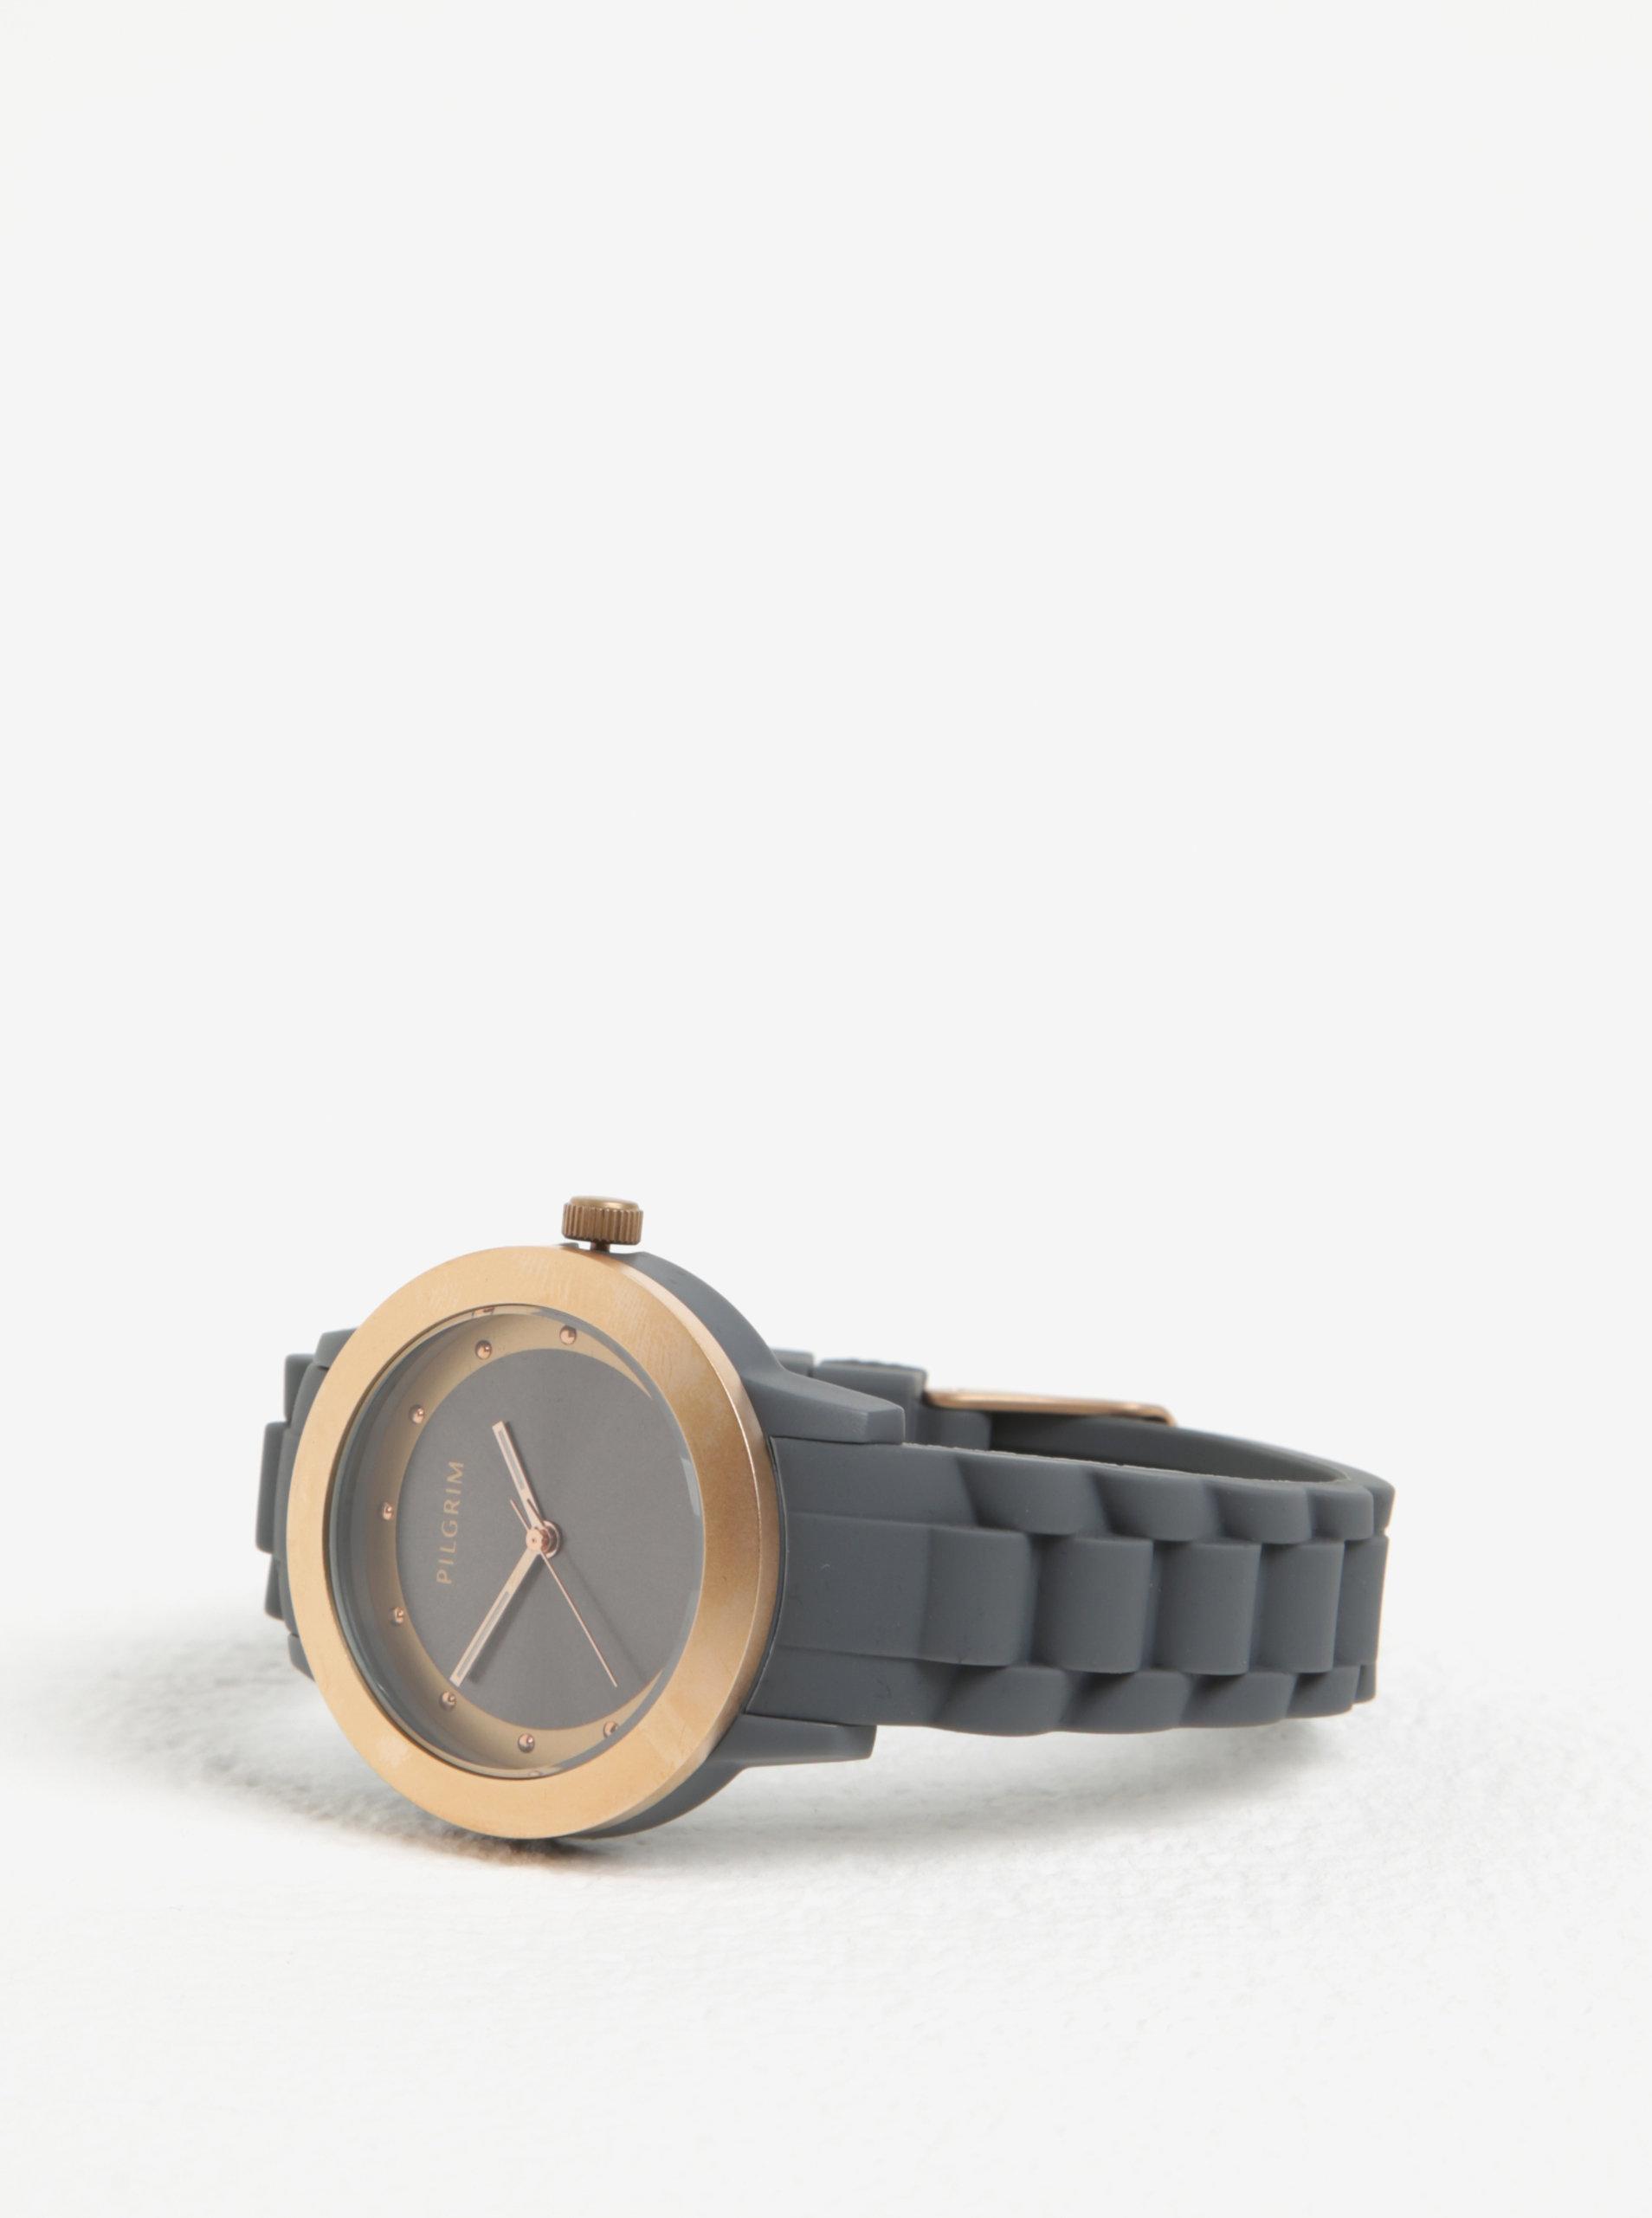 Dámské hodinky v růžovozlaté barvě s šedým silikonovým páskem Pilgrim ... daf8fe7234